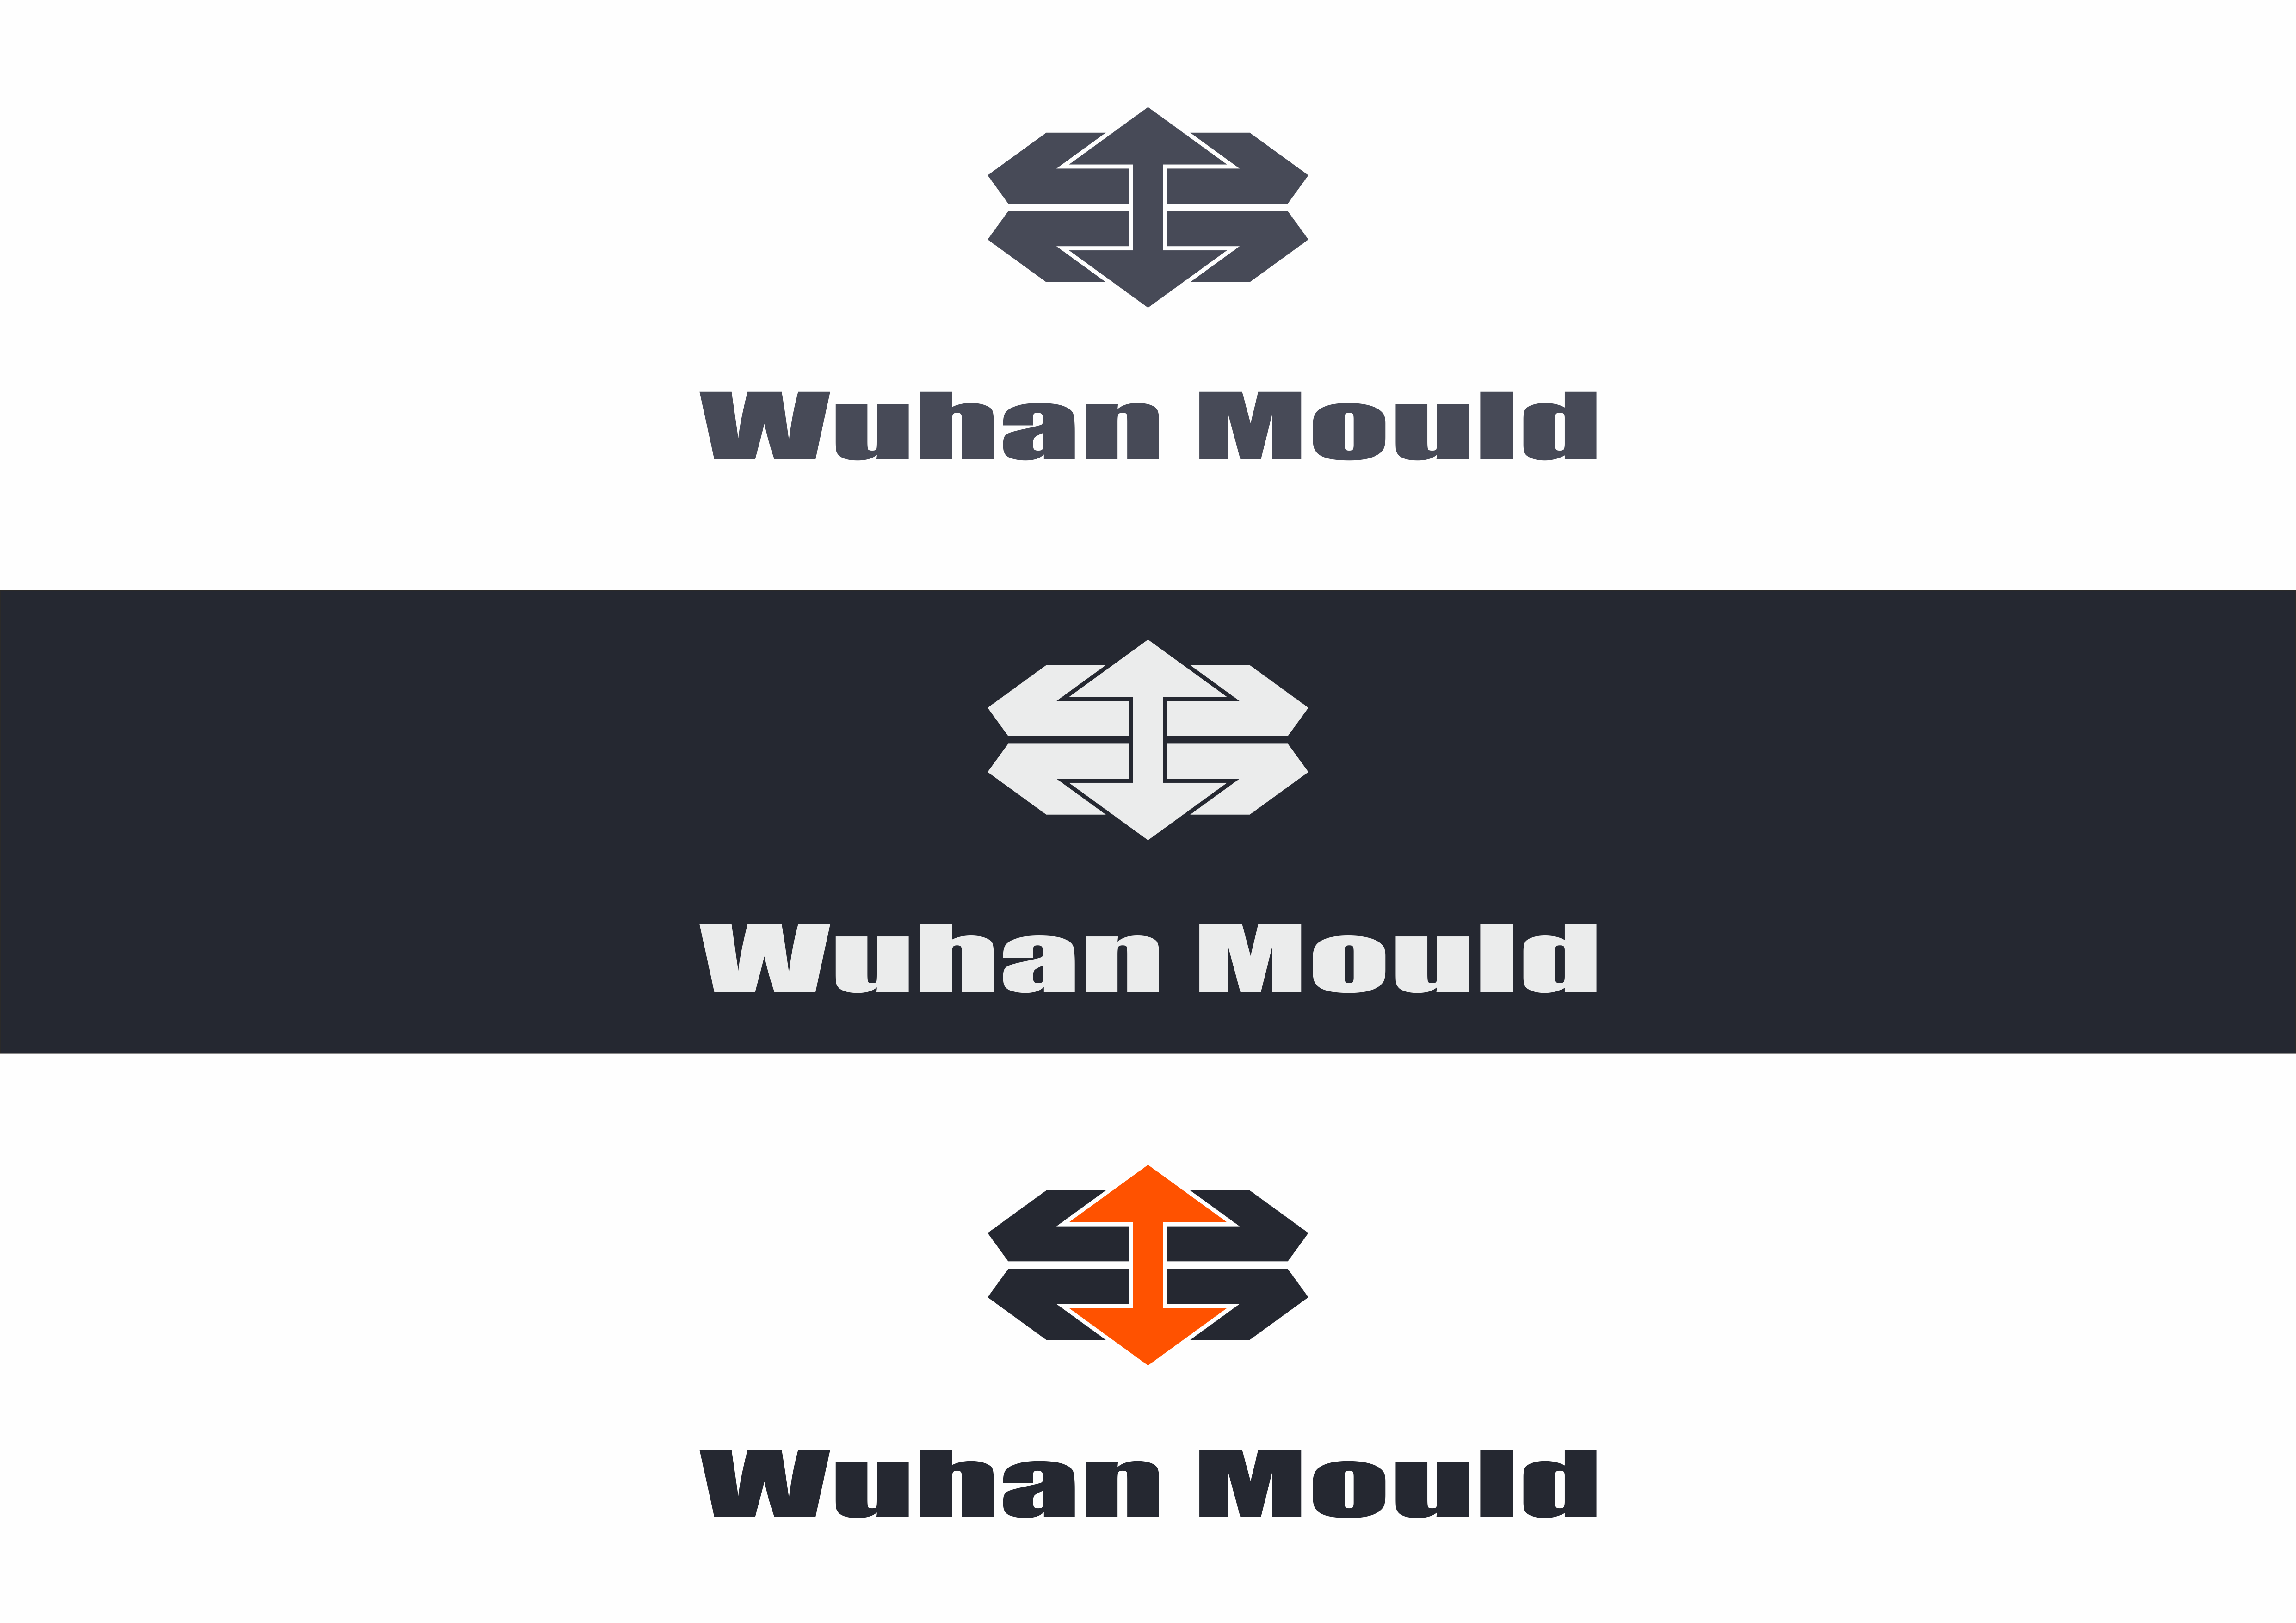 Создать логотип для фабрики пресс-форм фото f_8005989cfa3b9737.png